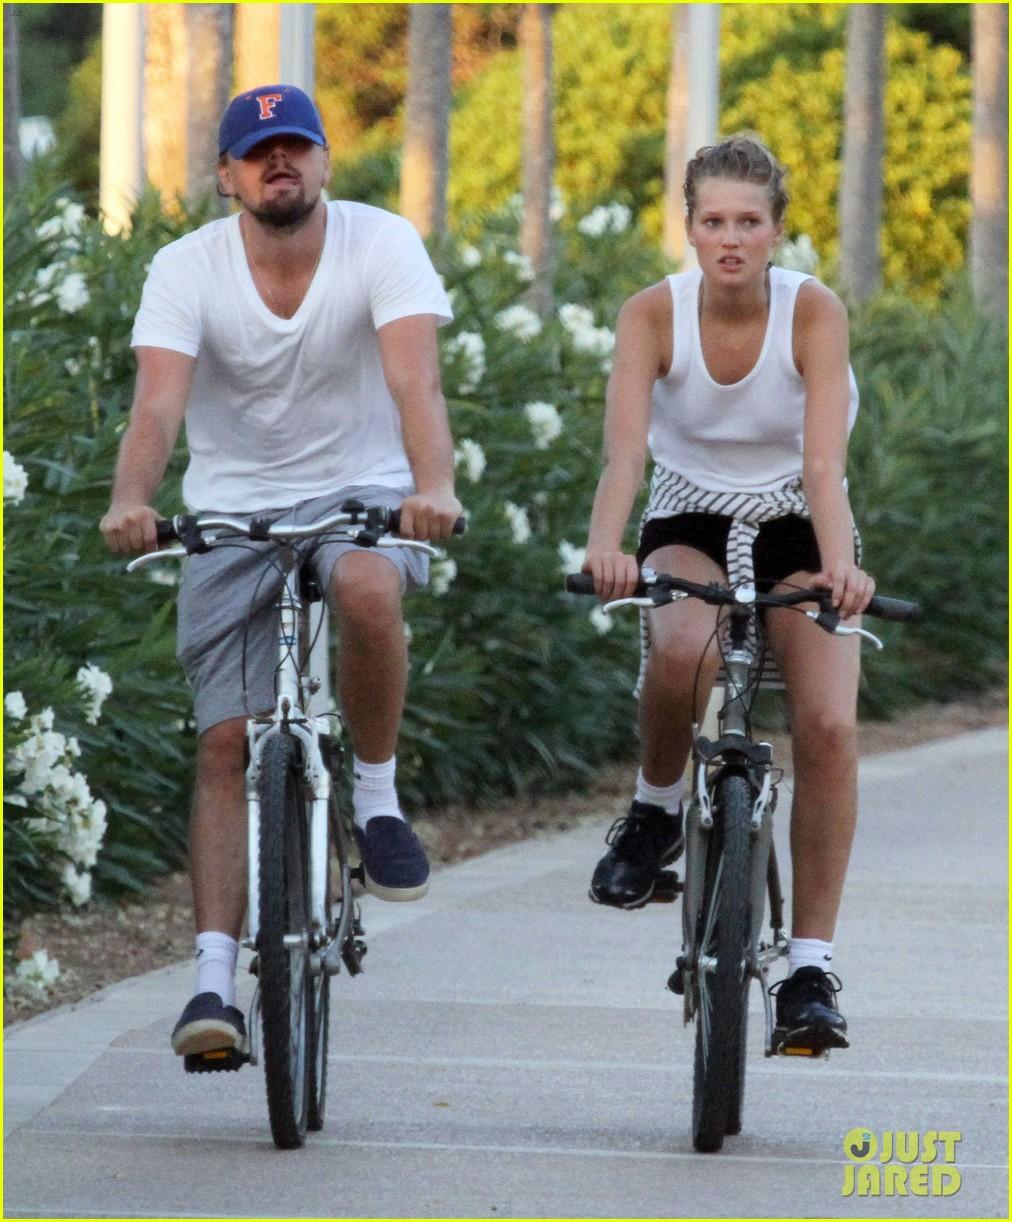 leonardo dicaprio toni garrn ride bikes together in spain 172930856